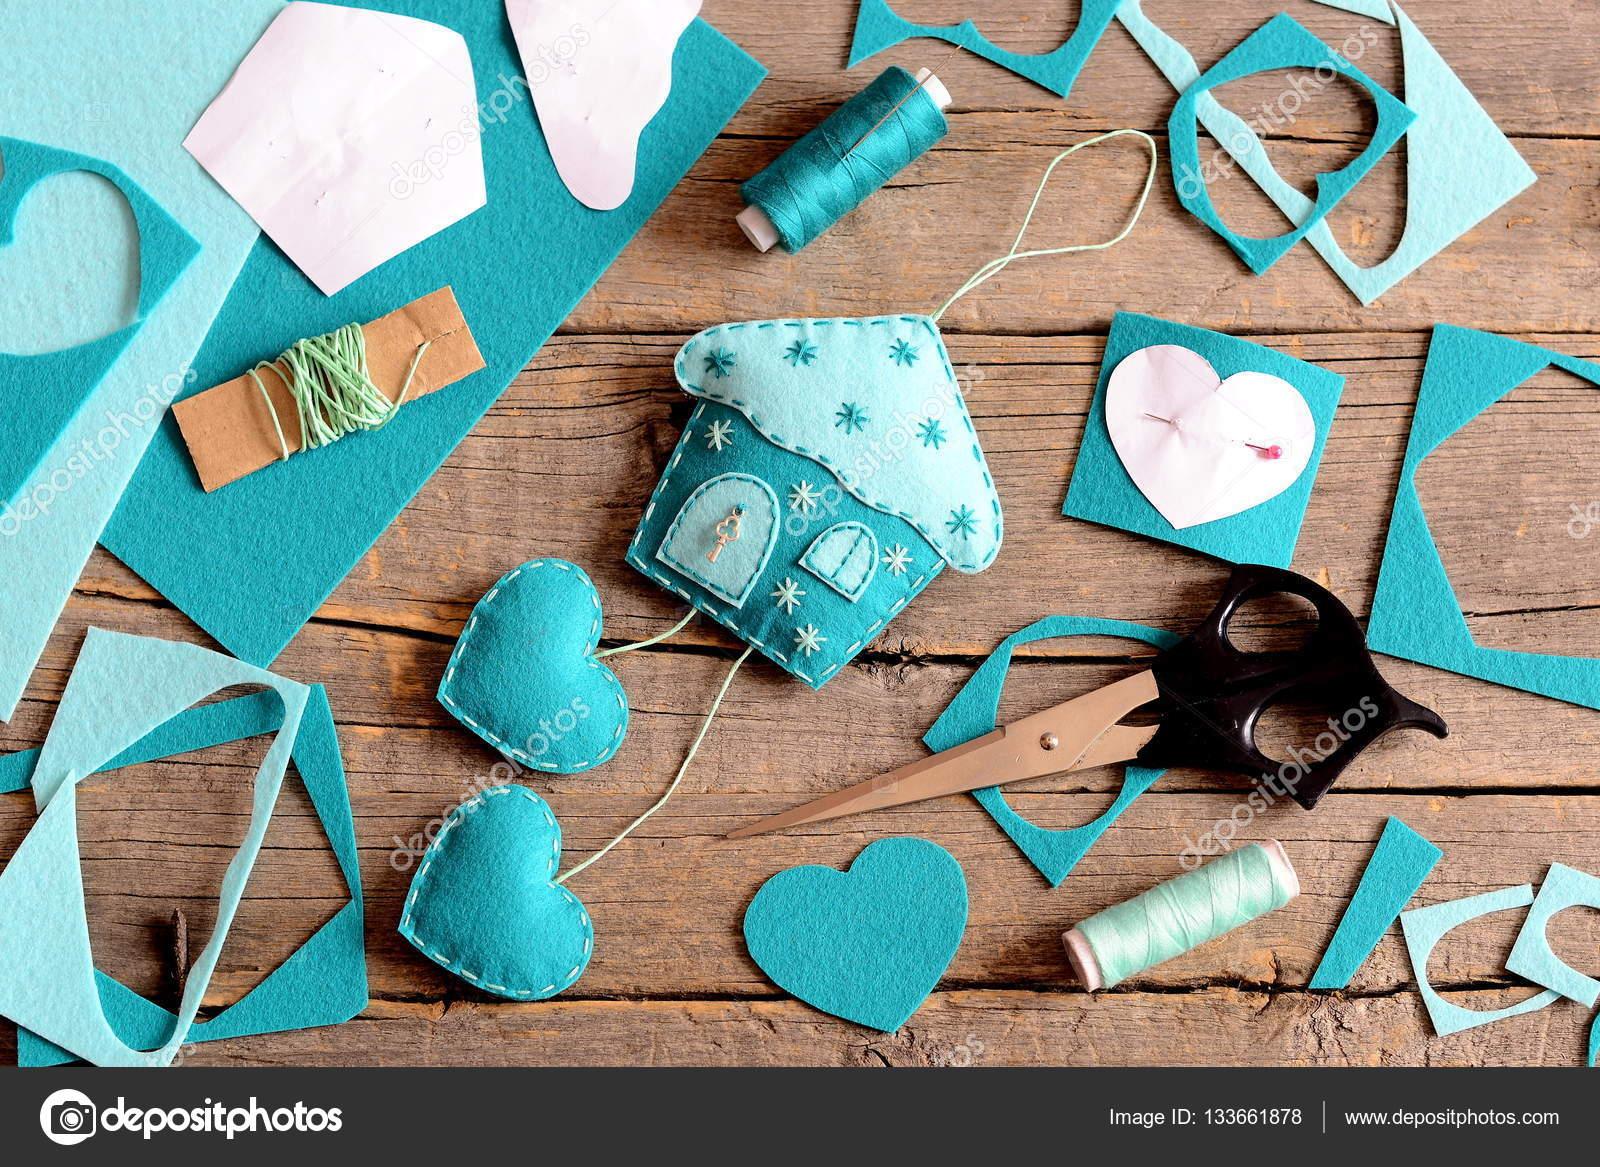 Haus mit Herz-Dekoration, Werkzeuge und Materialien zum Nähen ...